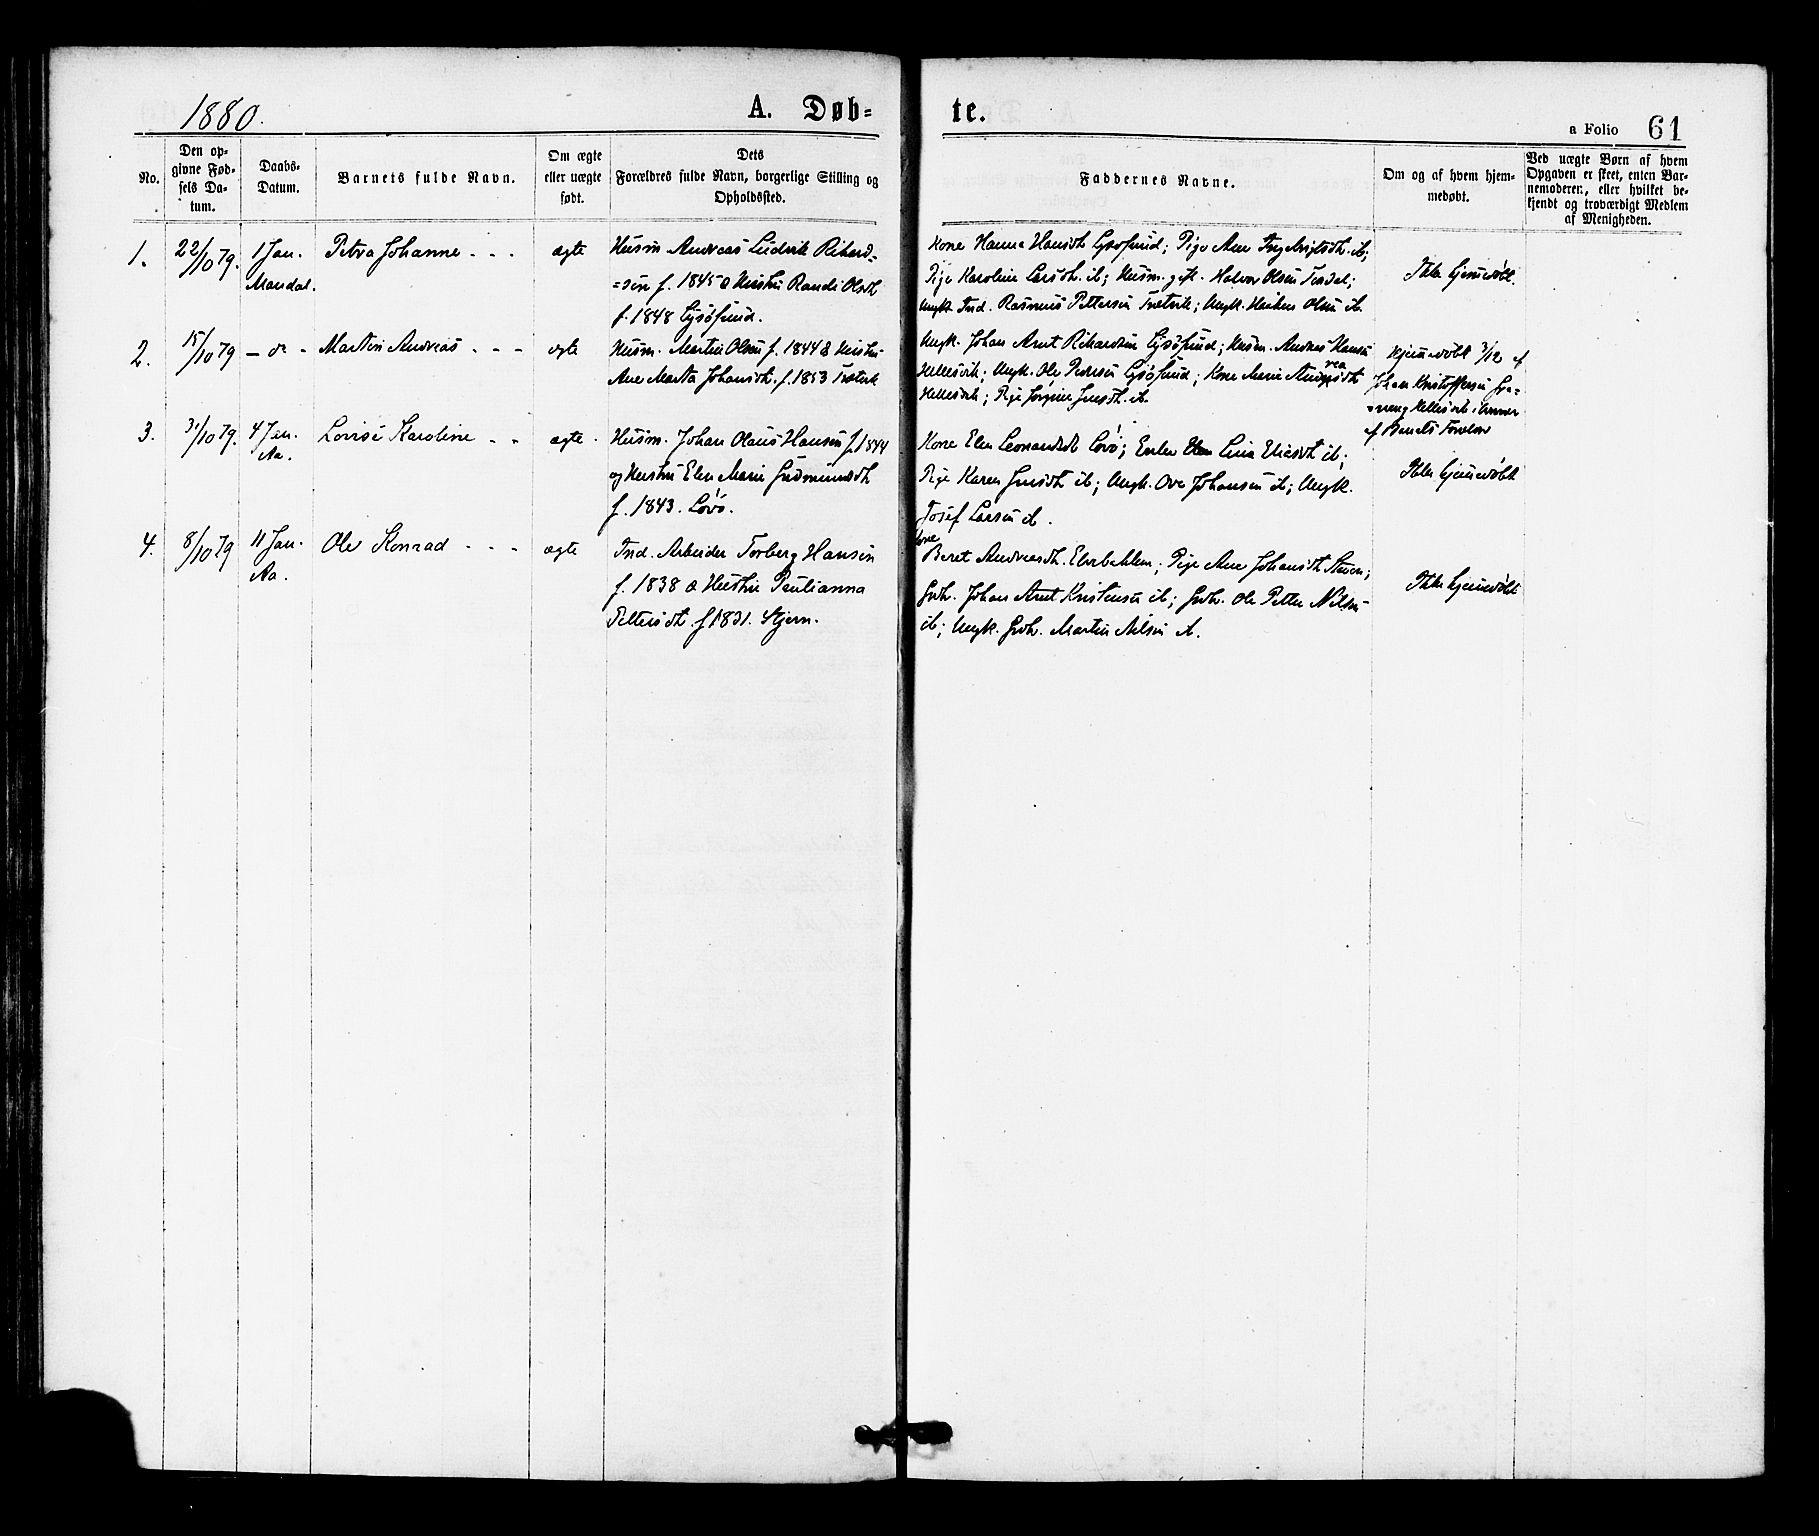 SAT, Ministerialprotokoller, klokkerbøker og fødselsregistre - Sør-Trøndelag, 655/L0679: Ministerialbok nr. 655A08, 1873-1879, s. 61